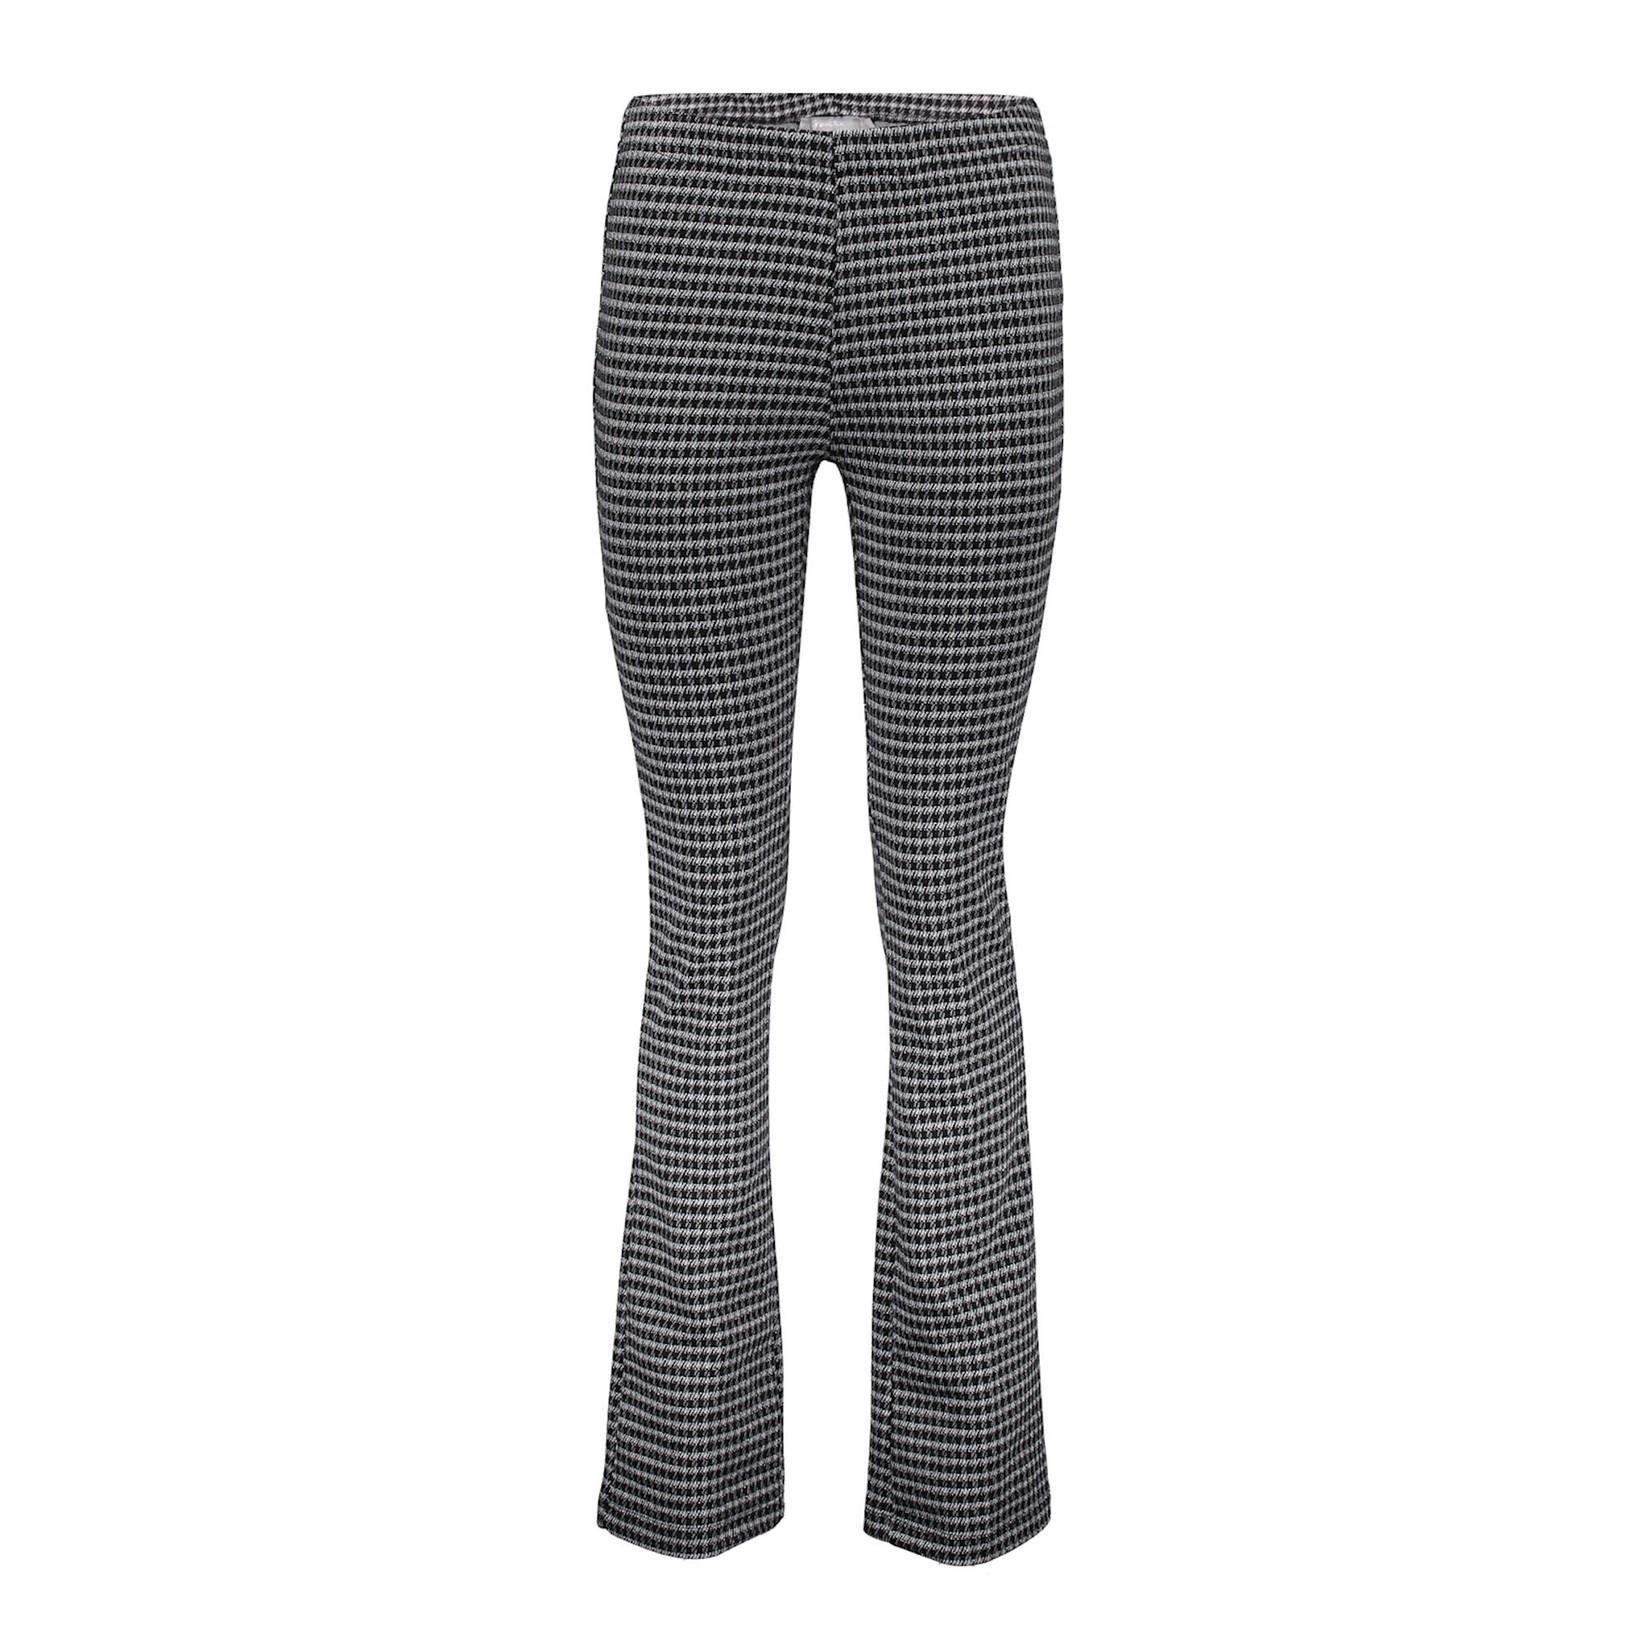 Geisha Geisha Pants Check Flair black/grey 11566-40